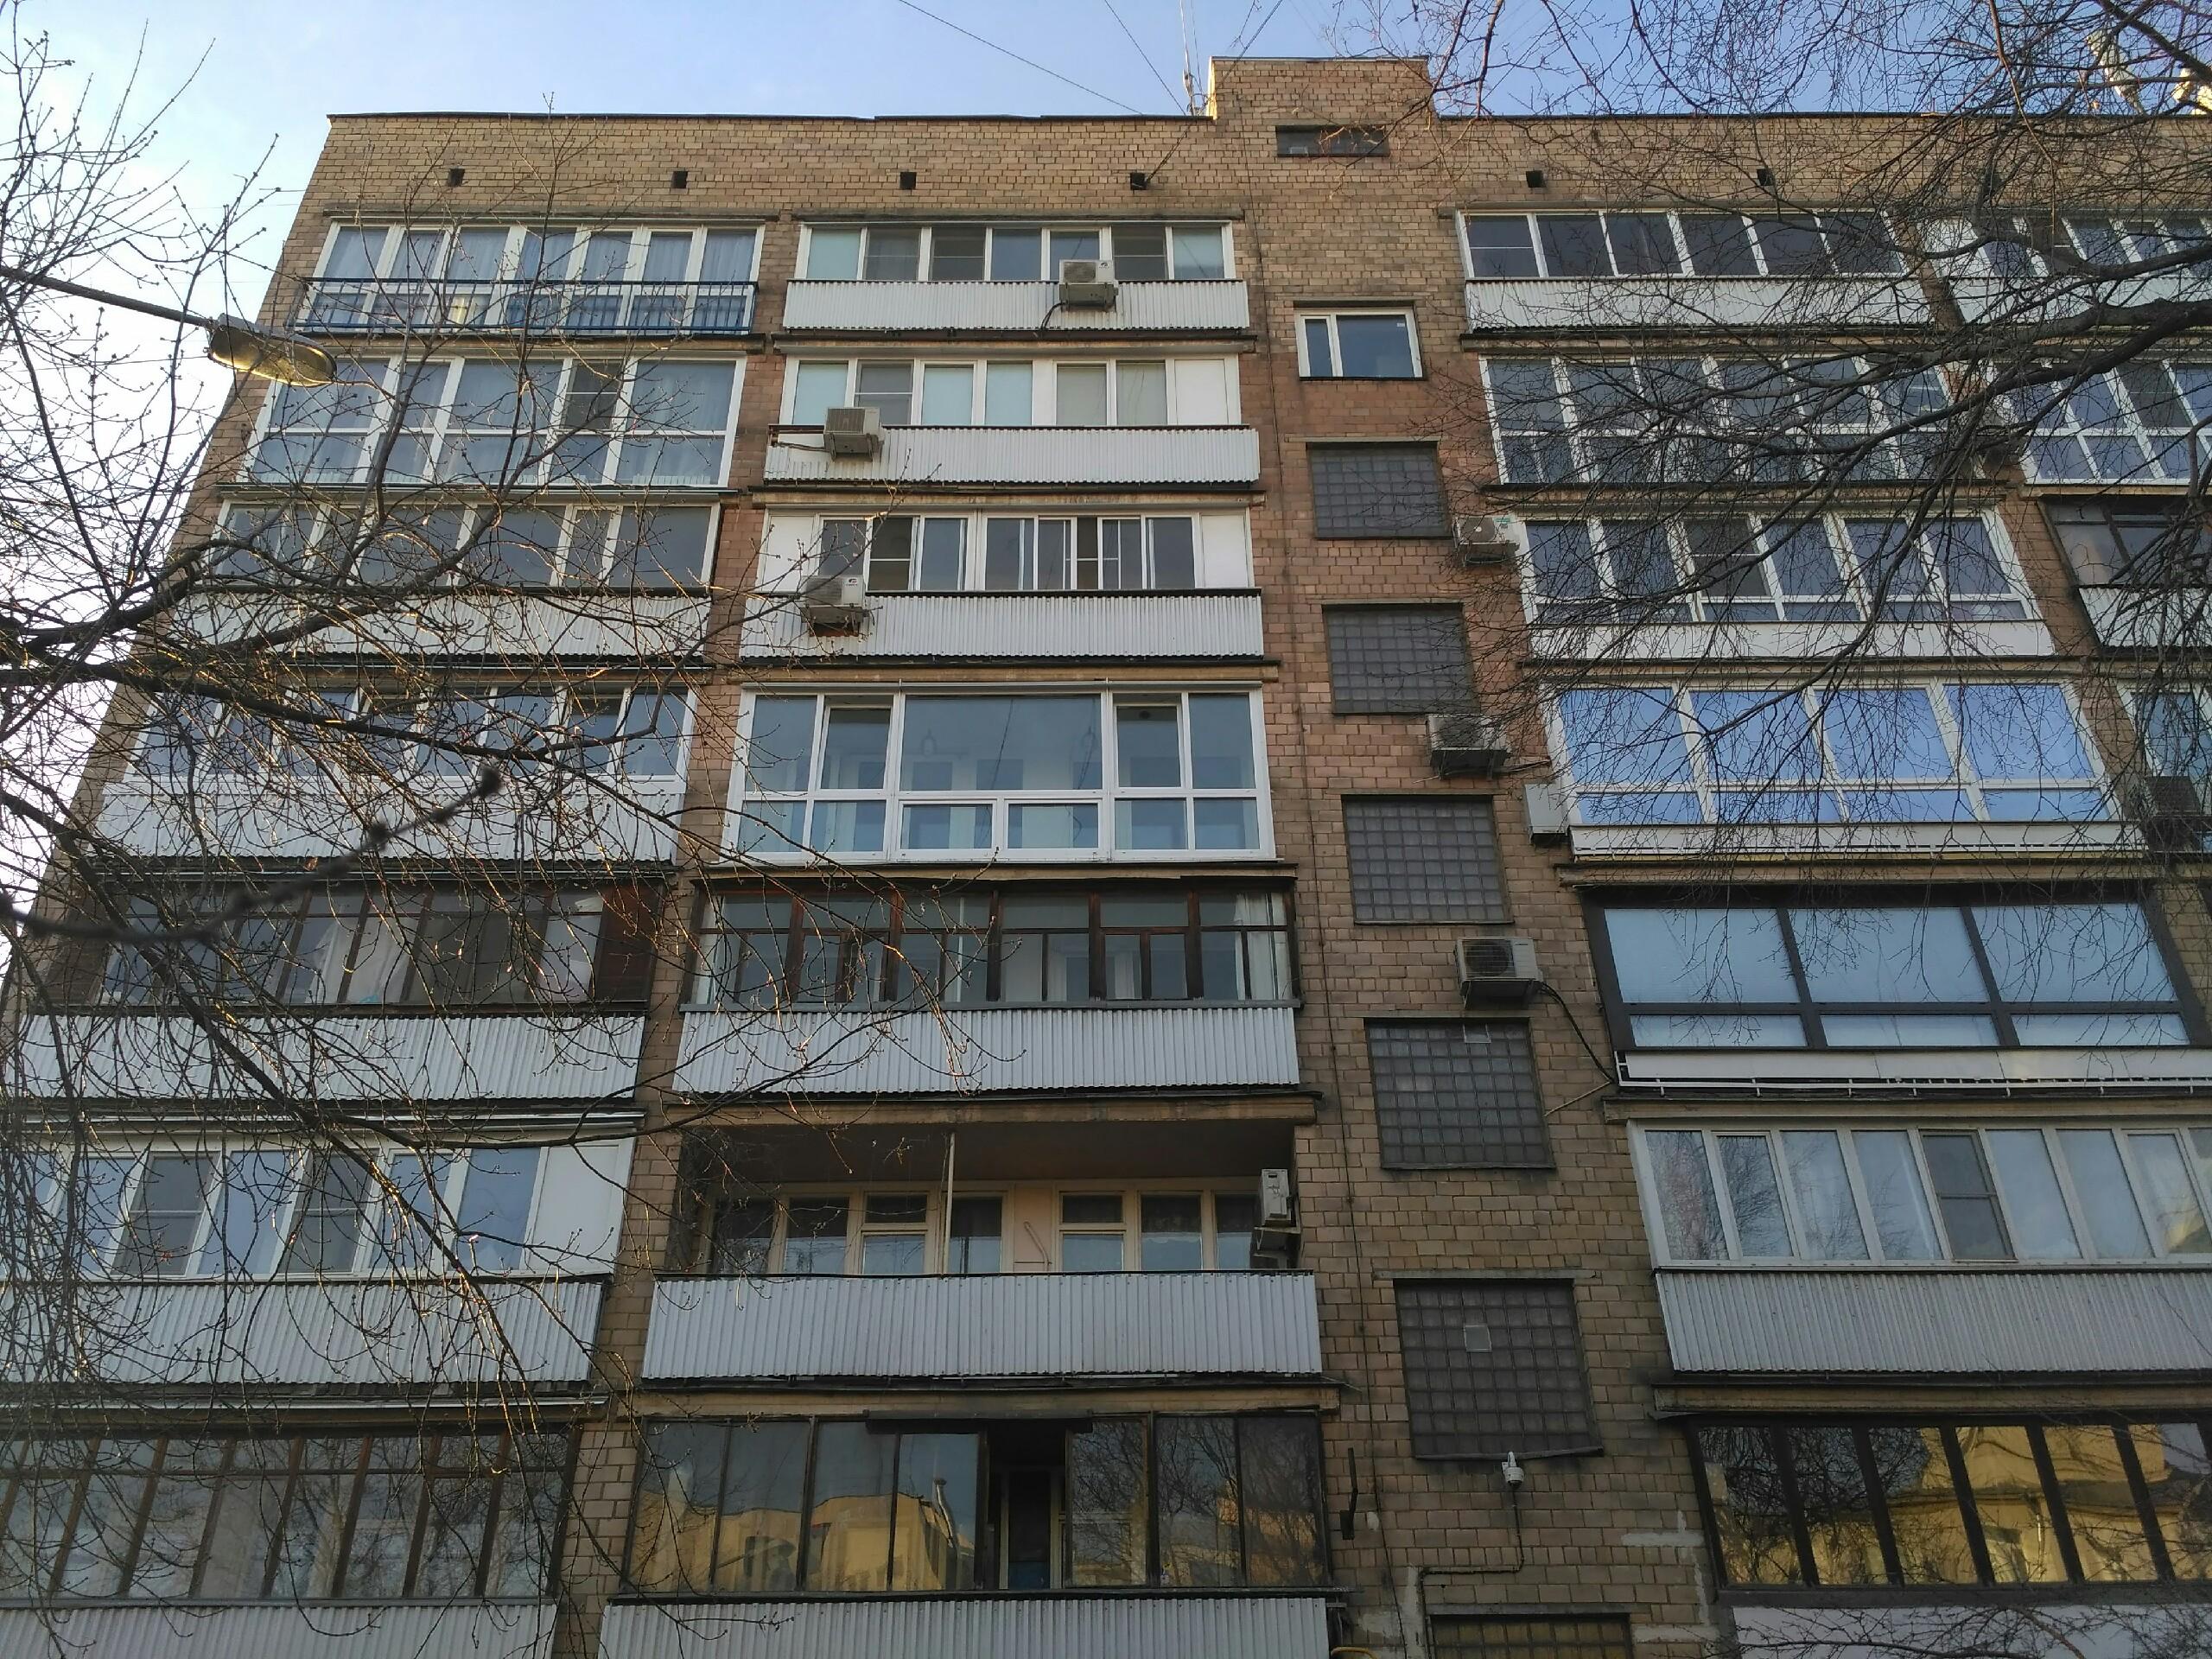 В чем разница между лоджией и балконом в квартире: что это такое, как выглядит, чем отличаются, определение по закону, фото